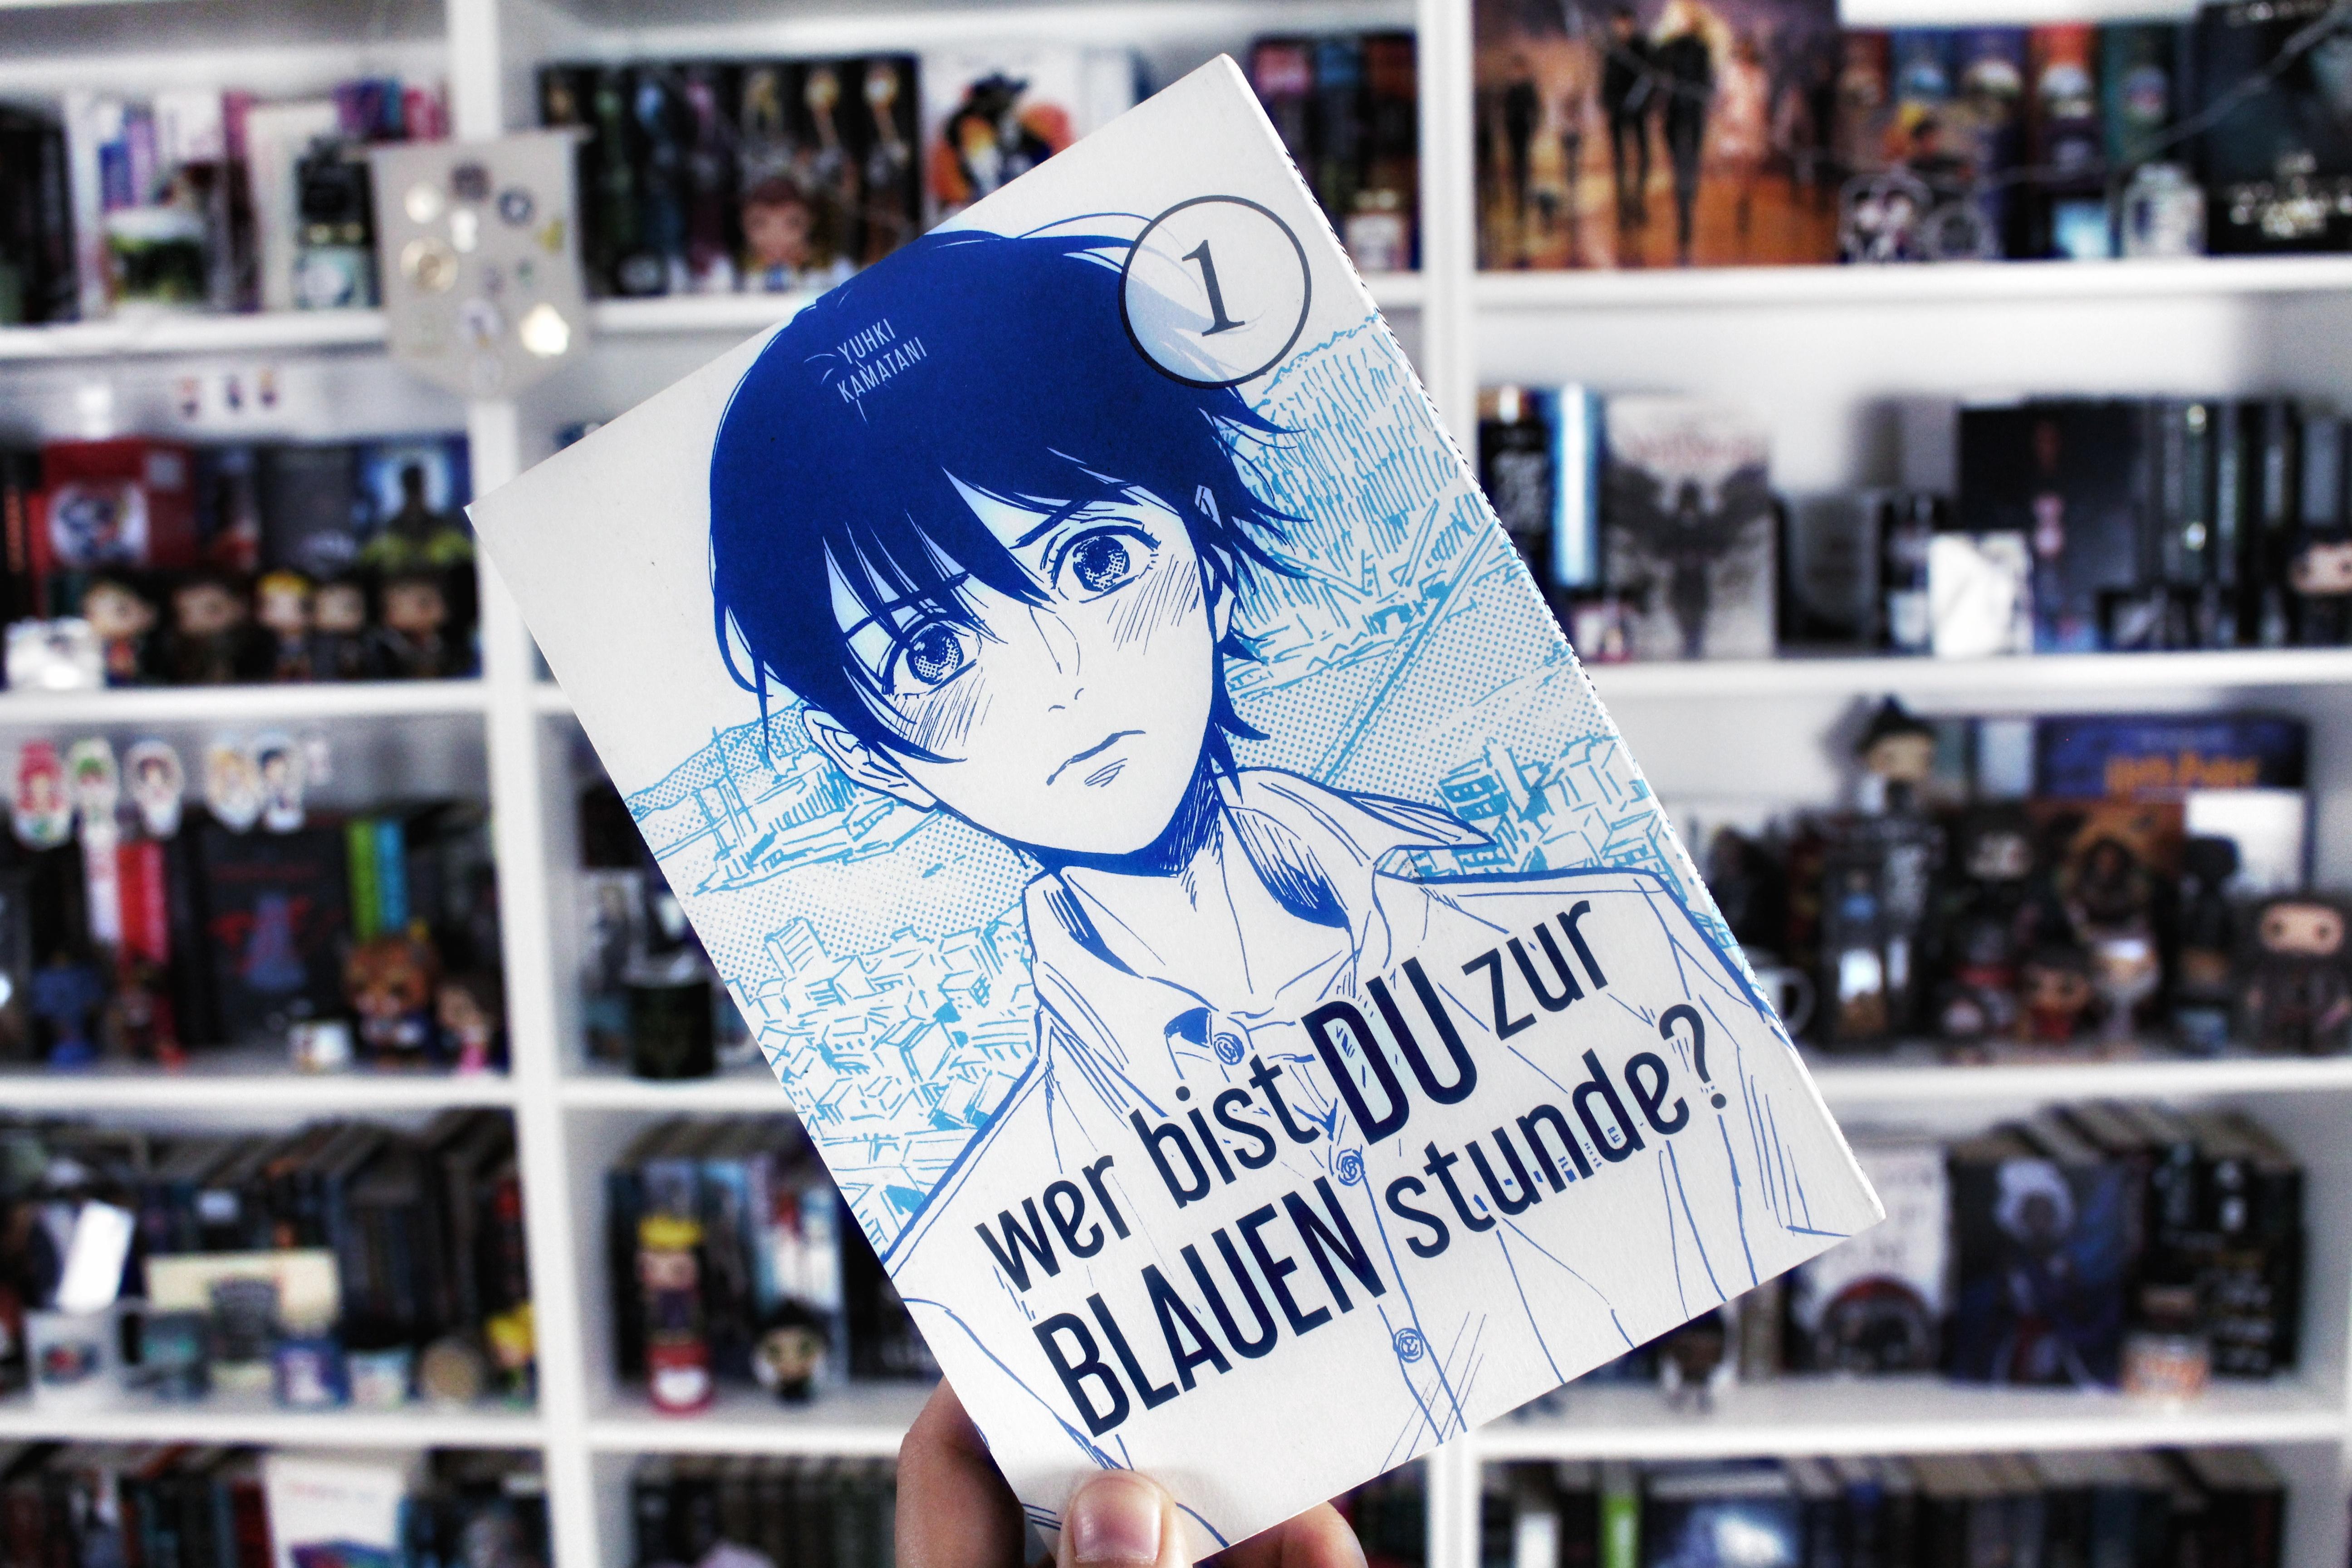 Rezension | Wer bist du zur blauen Stunde? 1 von Yuhki Kamatani